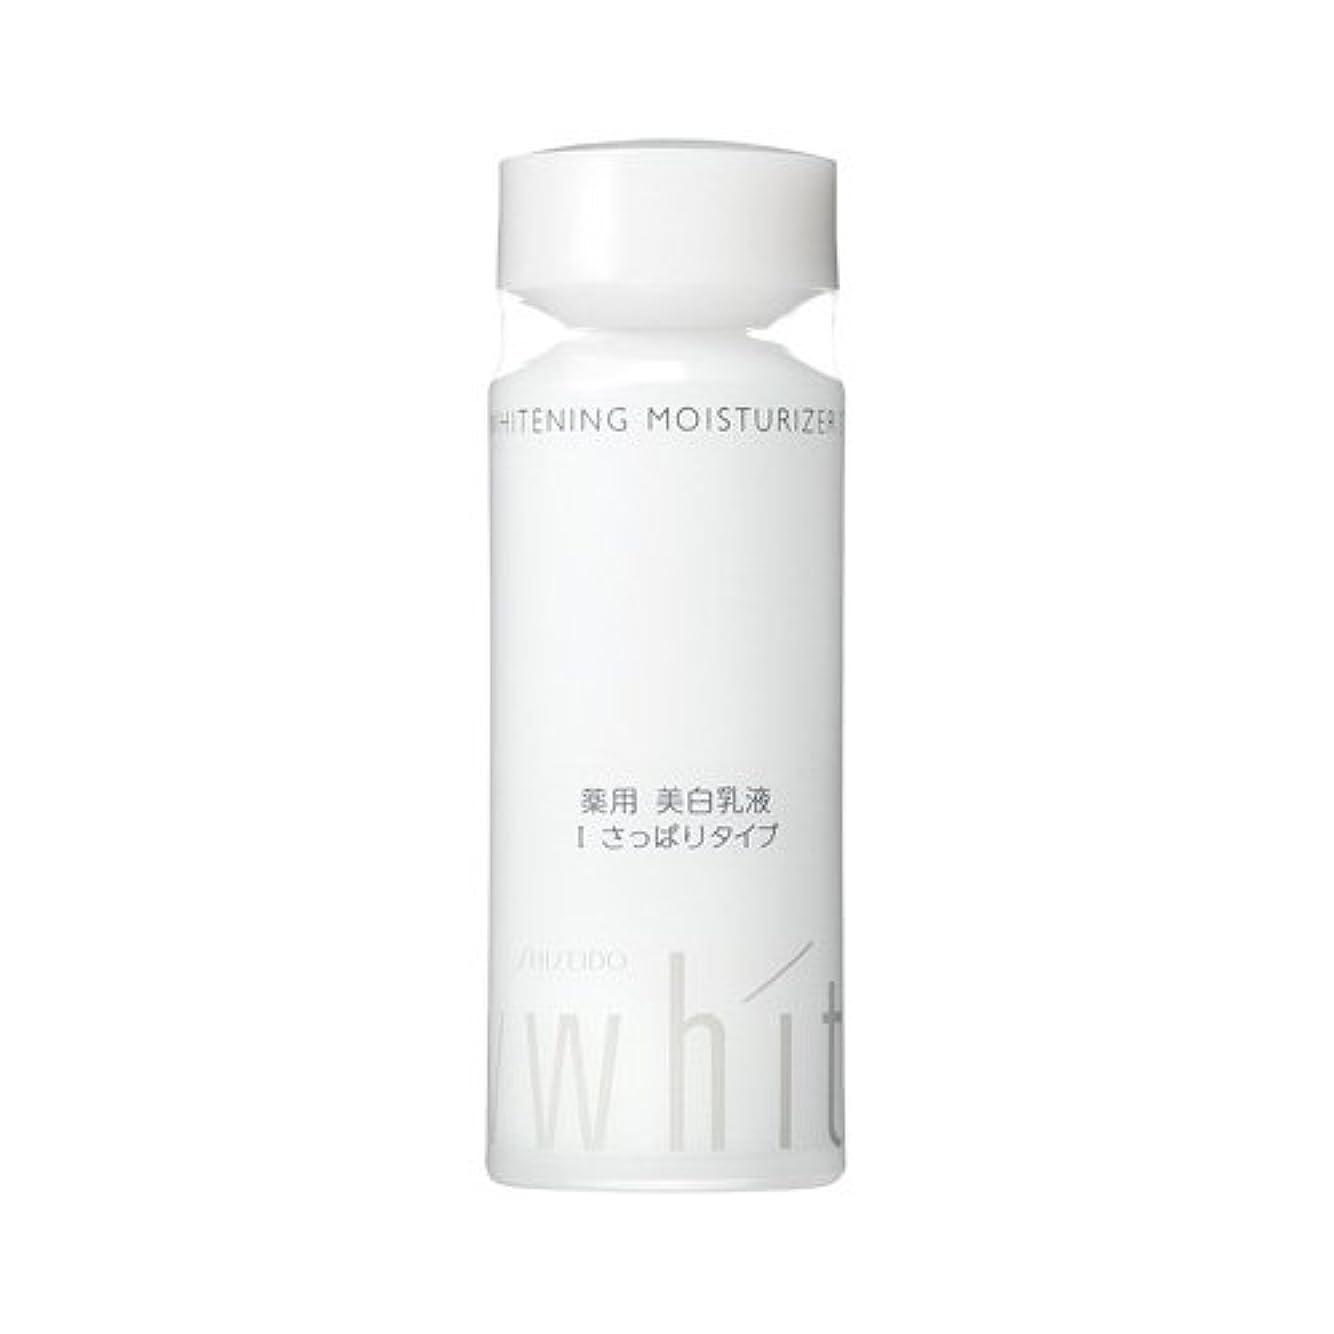 ユーヴィーホワイト ホワイトニング モイスチャーライザーⅠ 乳液(夜用) 100ml